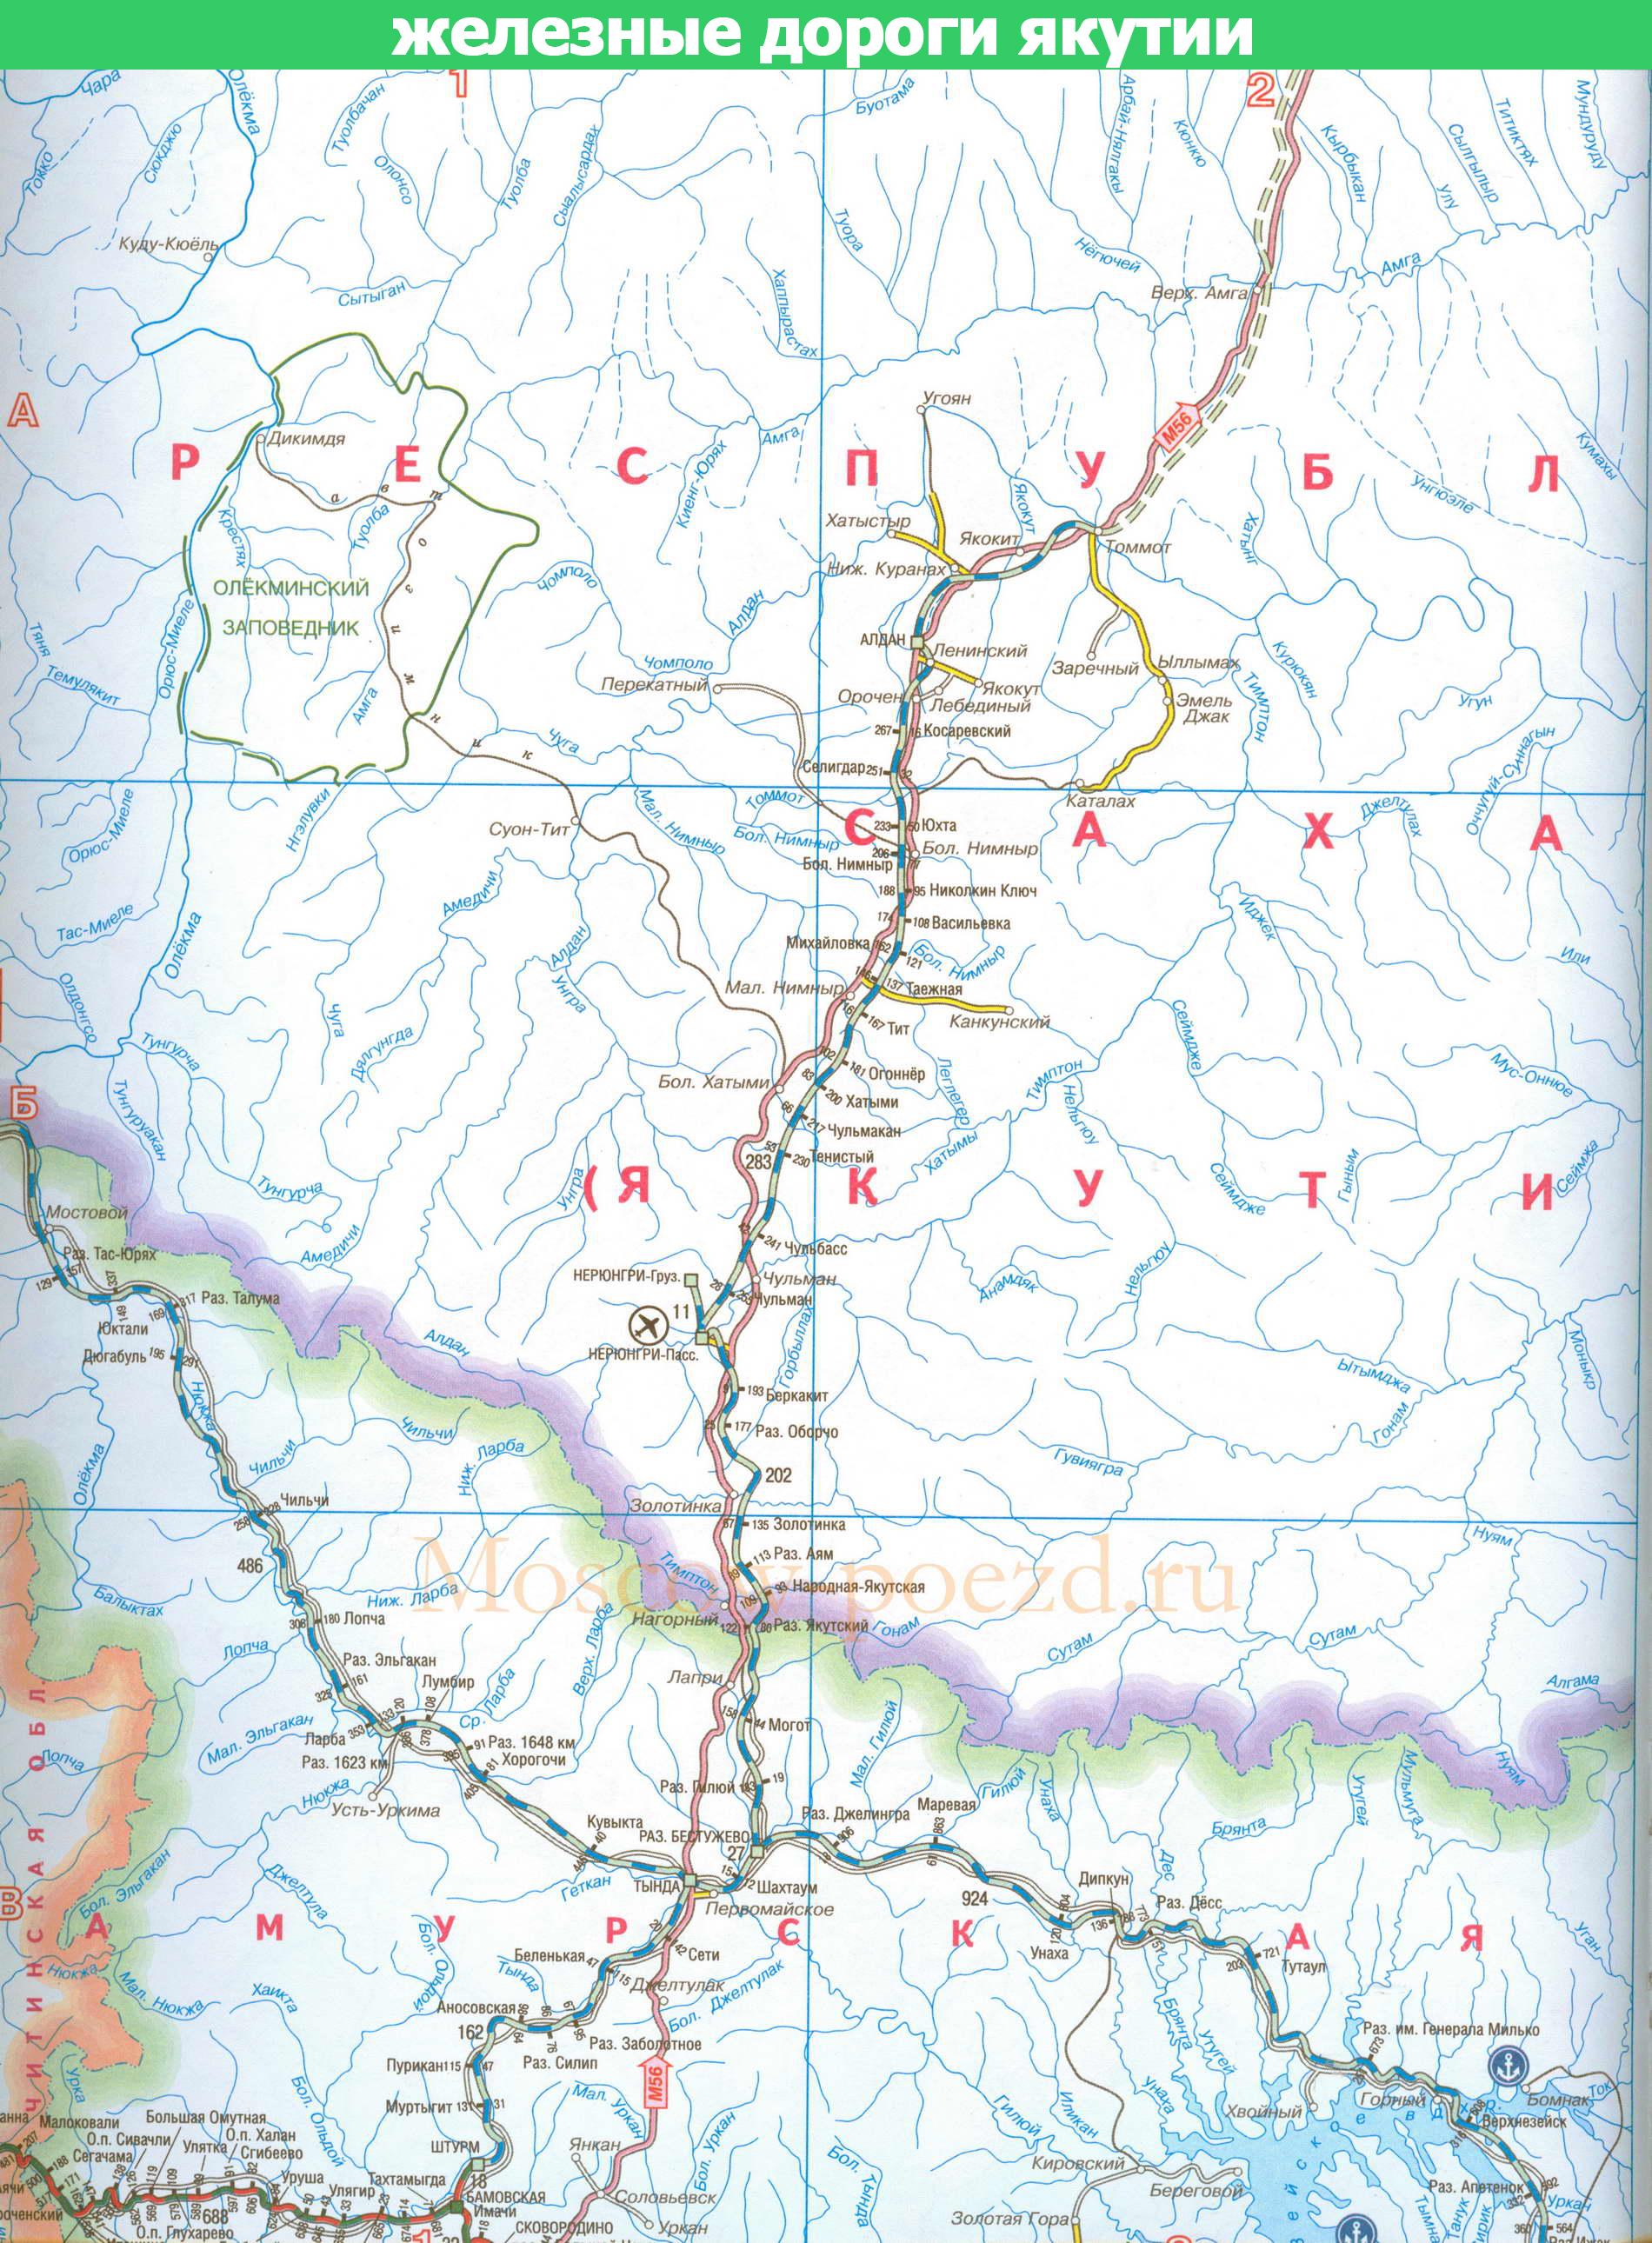 Карты железных дорог России.